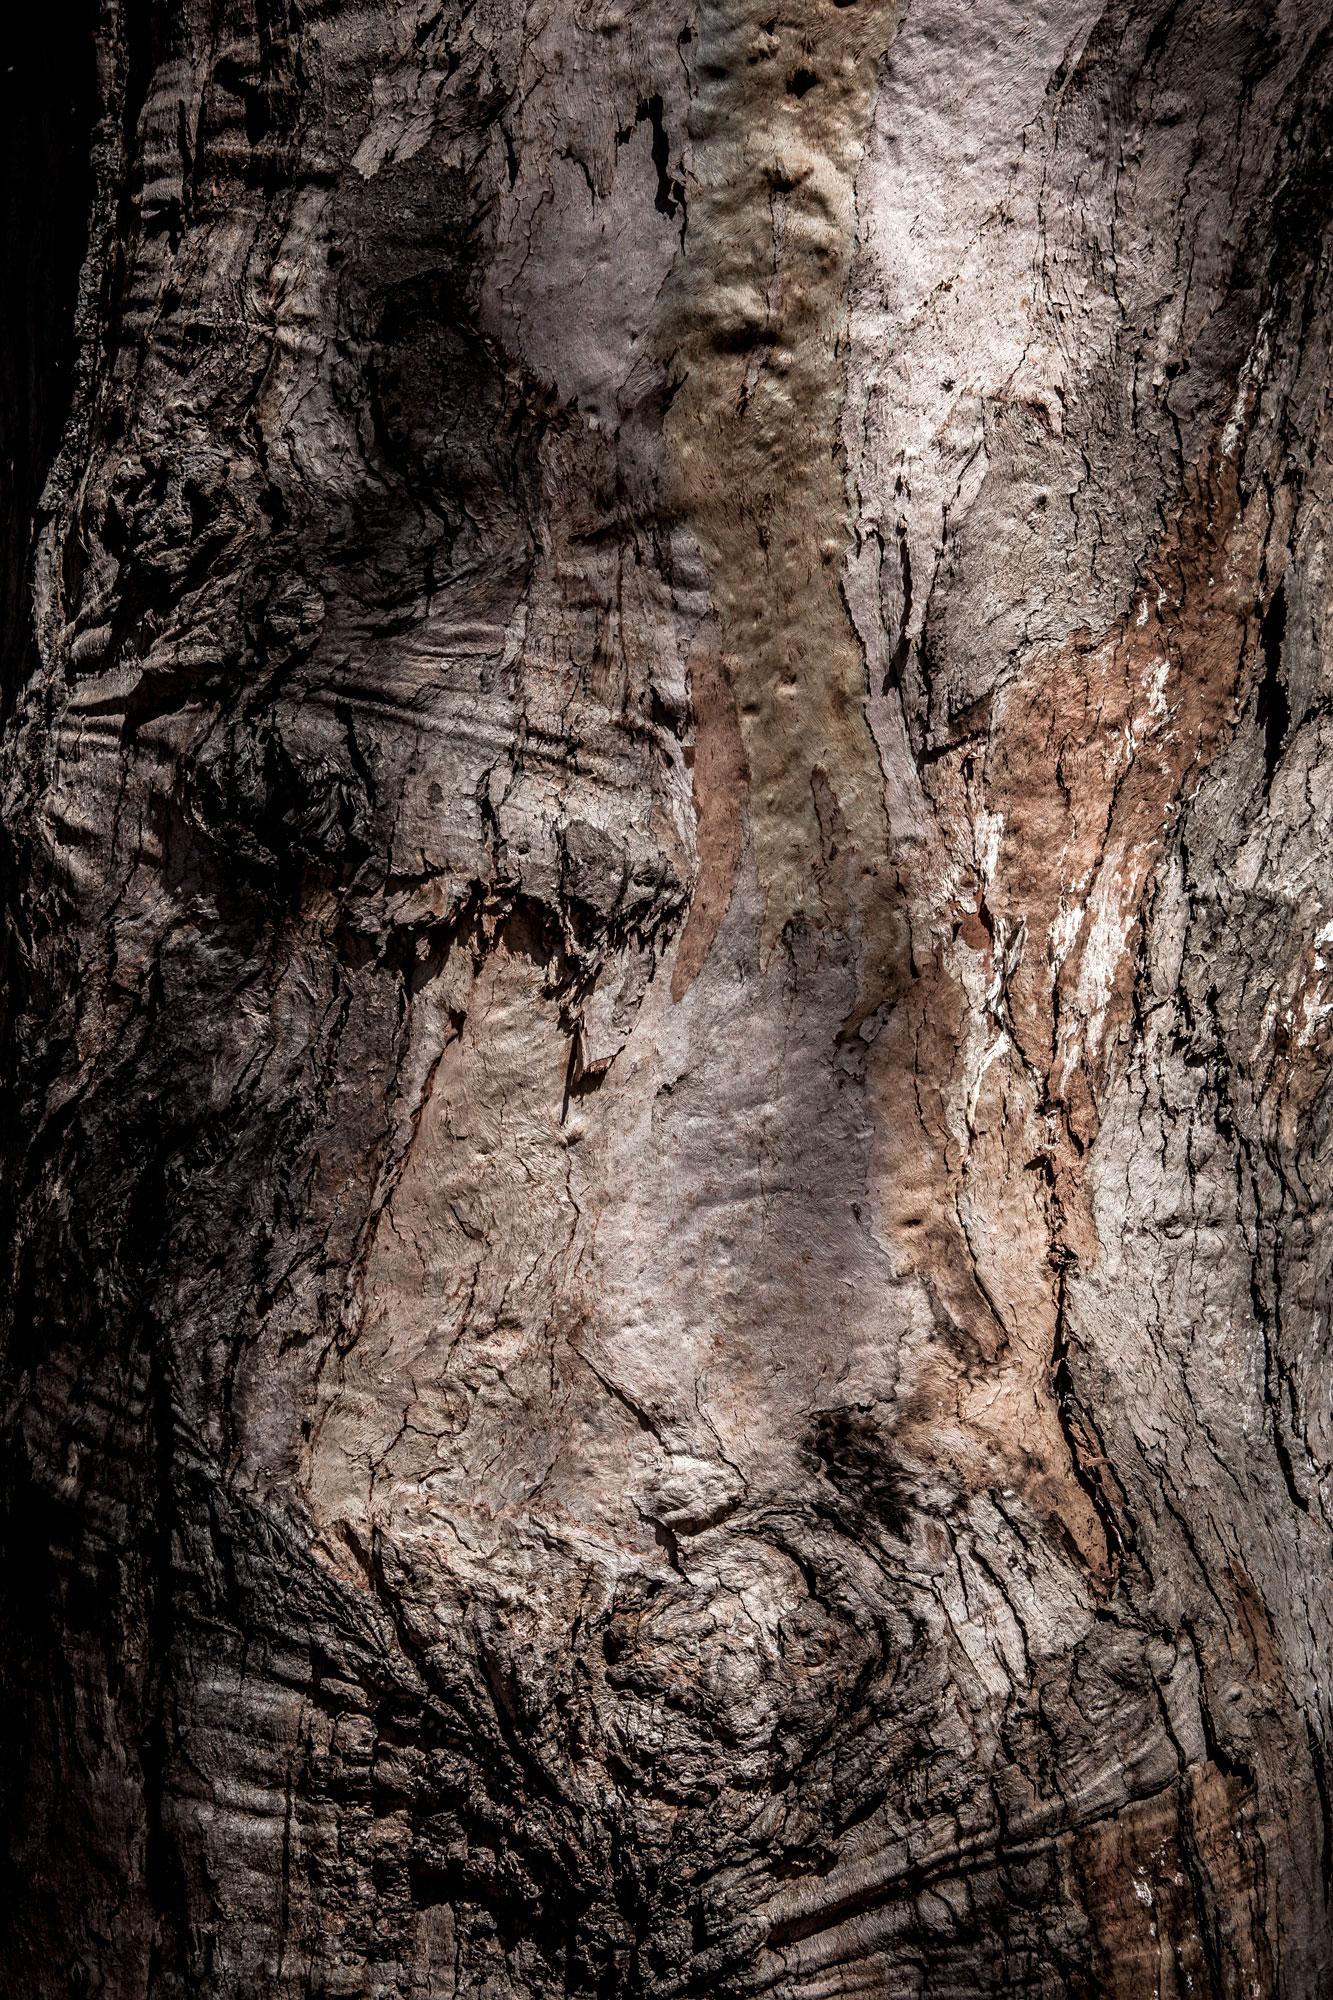 closeup tronc arbre série